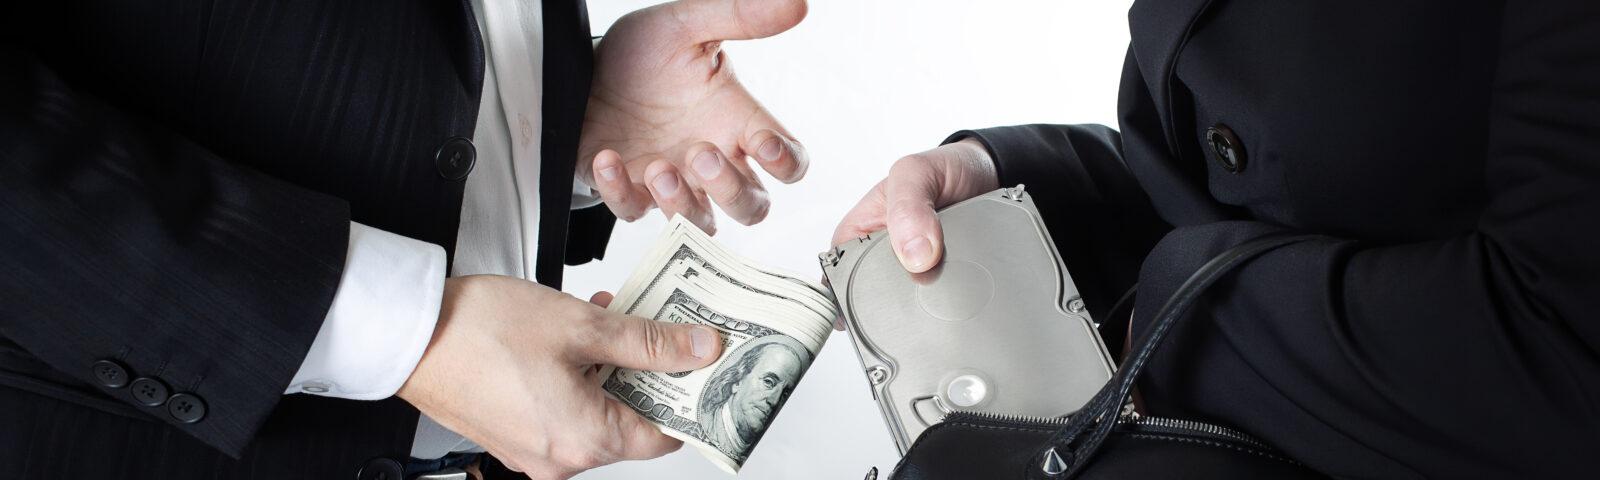 בית הדין לעבודה במסר ברור לעובדים: גינבו מאגרי מידע של המעסיק והלבינו הון!